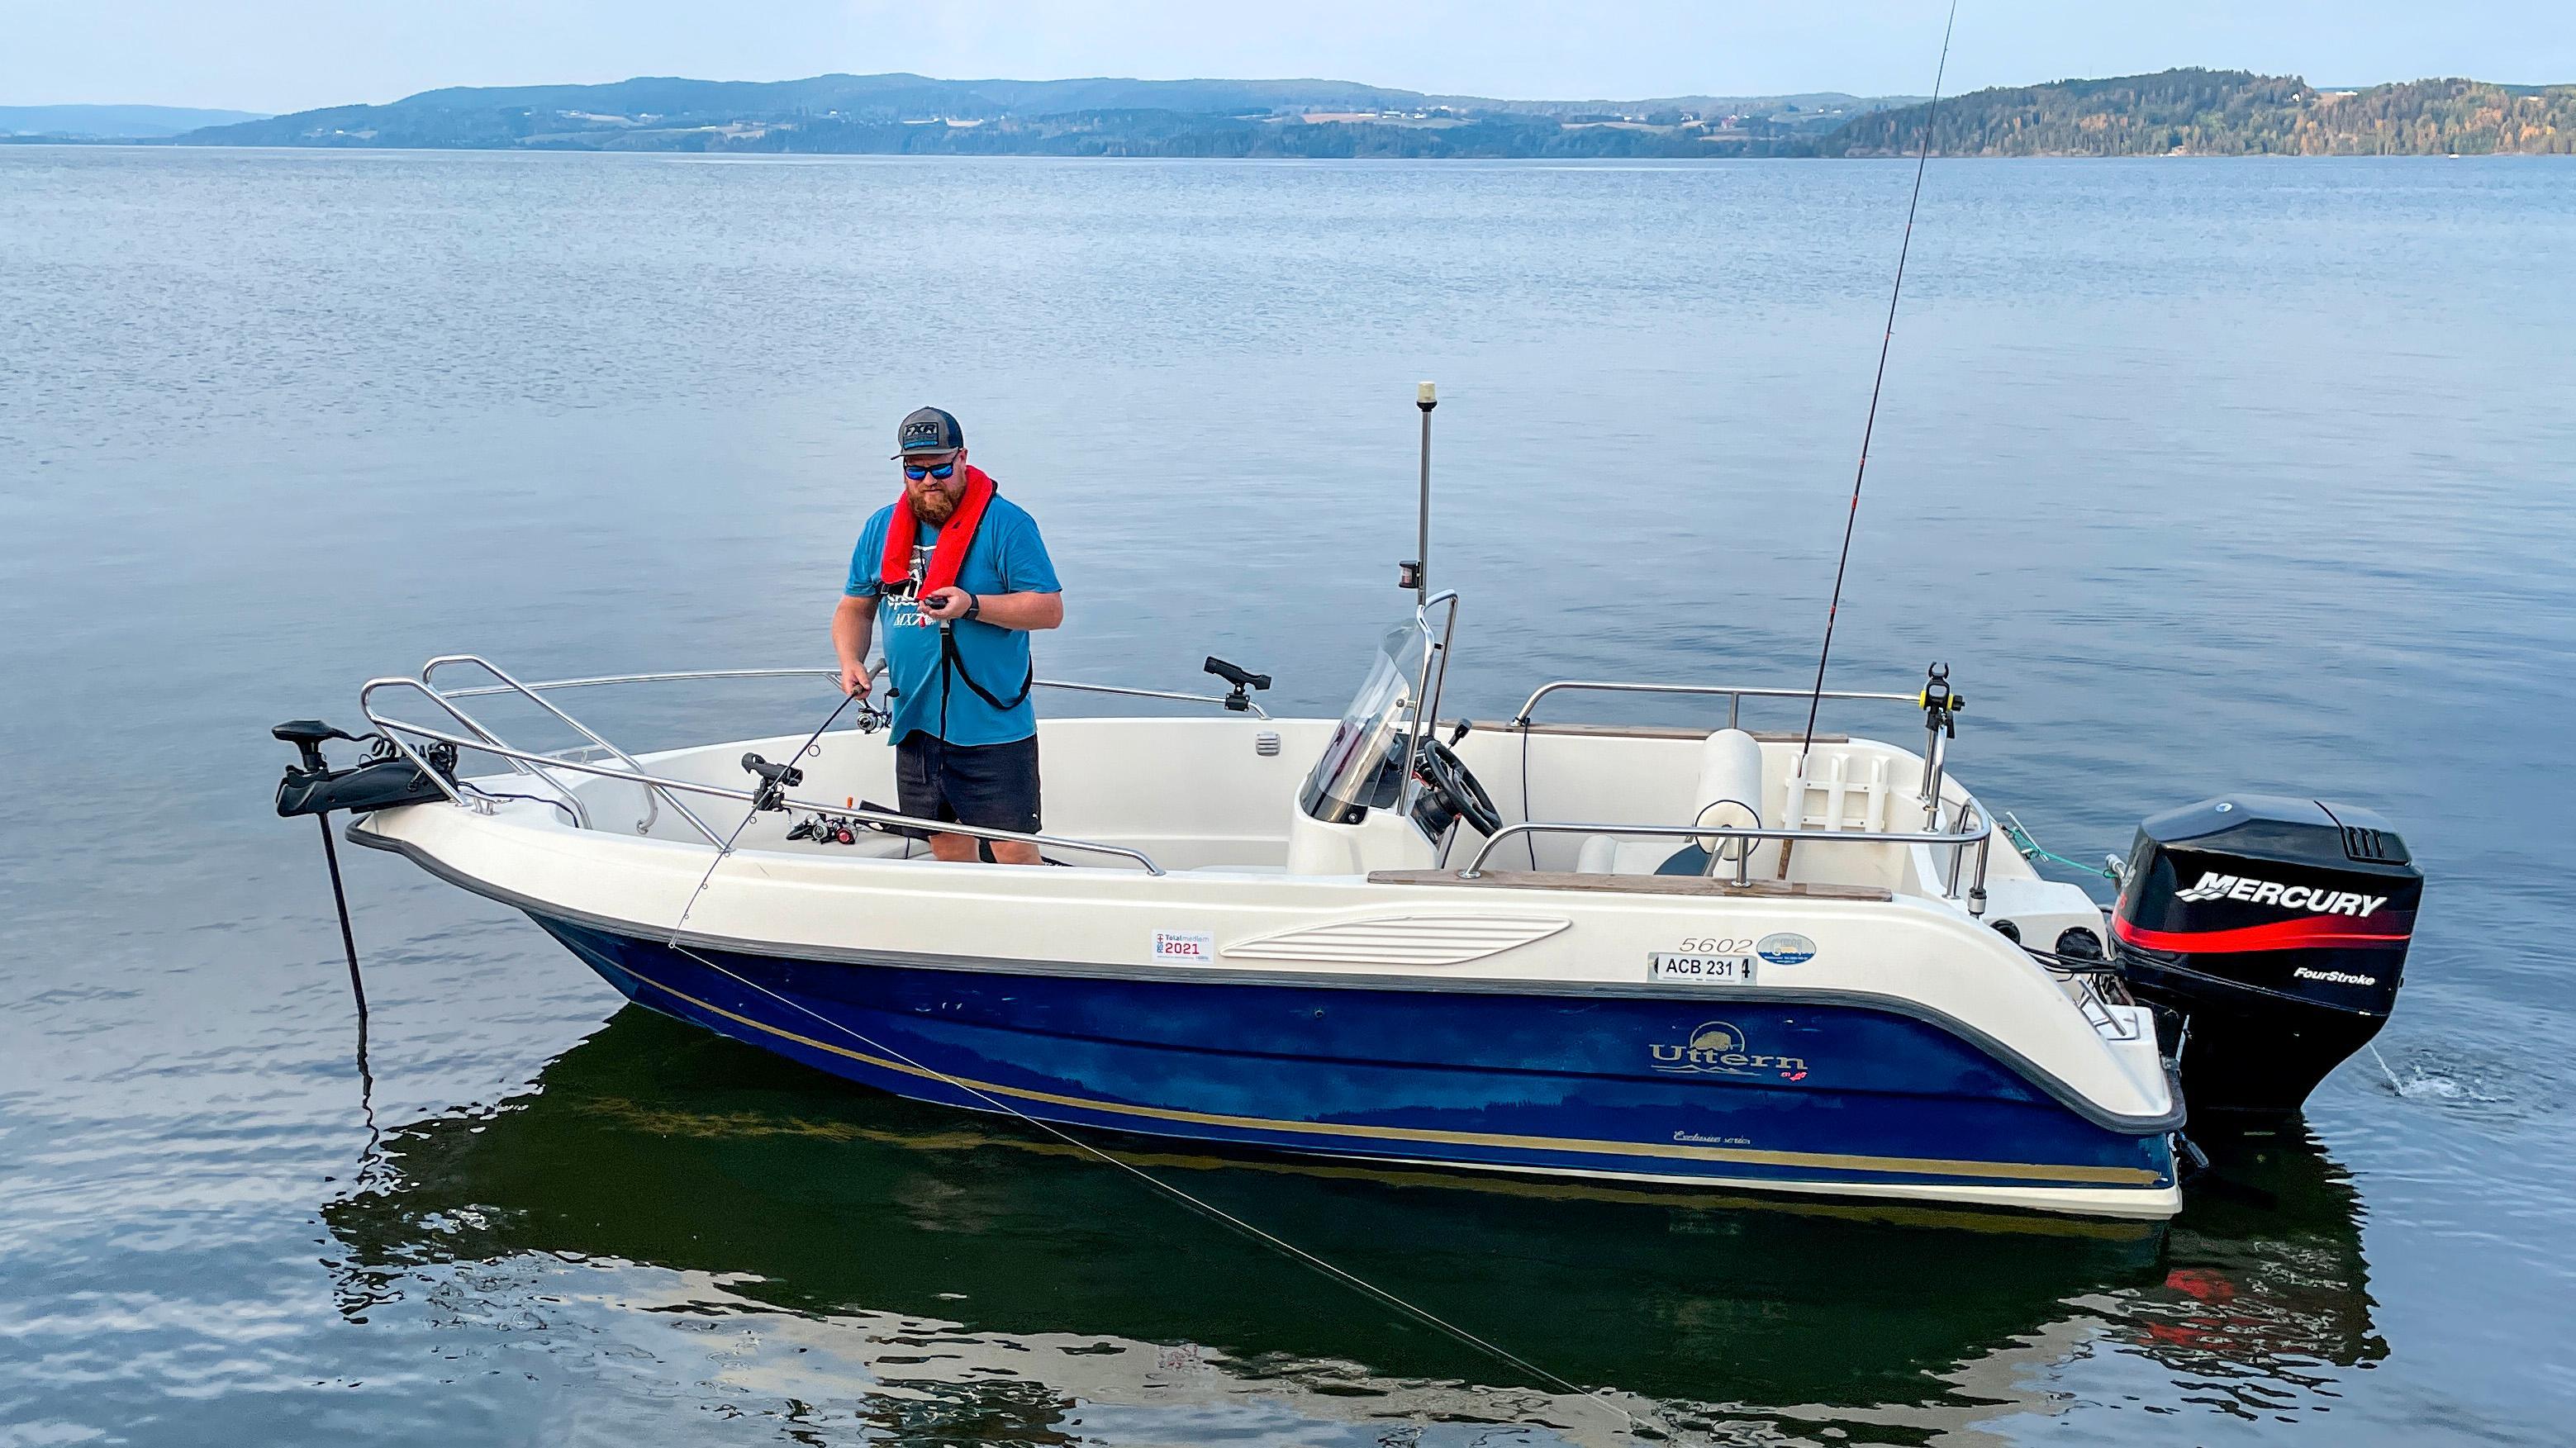 Fjernstyrt motor i sitt rette element. Lite er mer irriterende enn å drive avsted når vannet rundt båten er stappfullt av fisk. En fjernstyrt baugmotor som denne er perfekt til å holde deg på riktig sted. Den kan også brukes som svært stillegående dorgemotor.